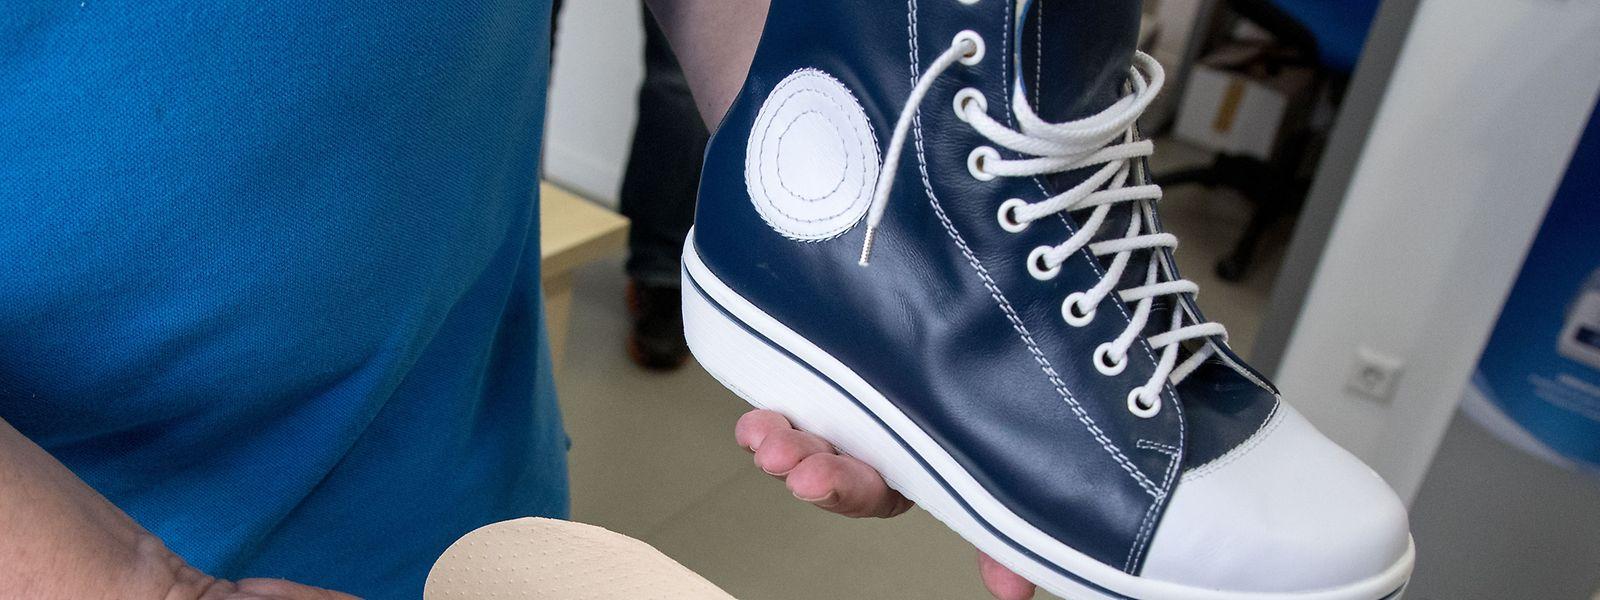 Orthopädische Einlagen passen mittlerweile in fast jeden Schuh.